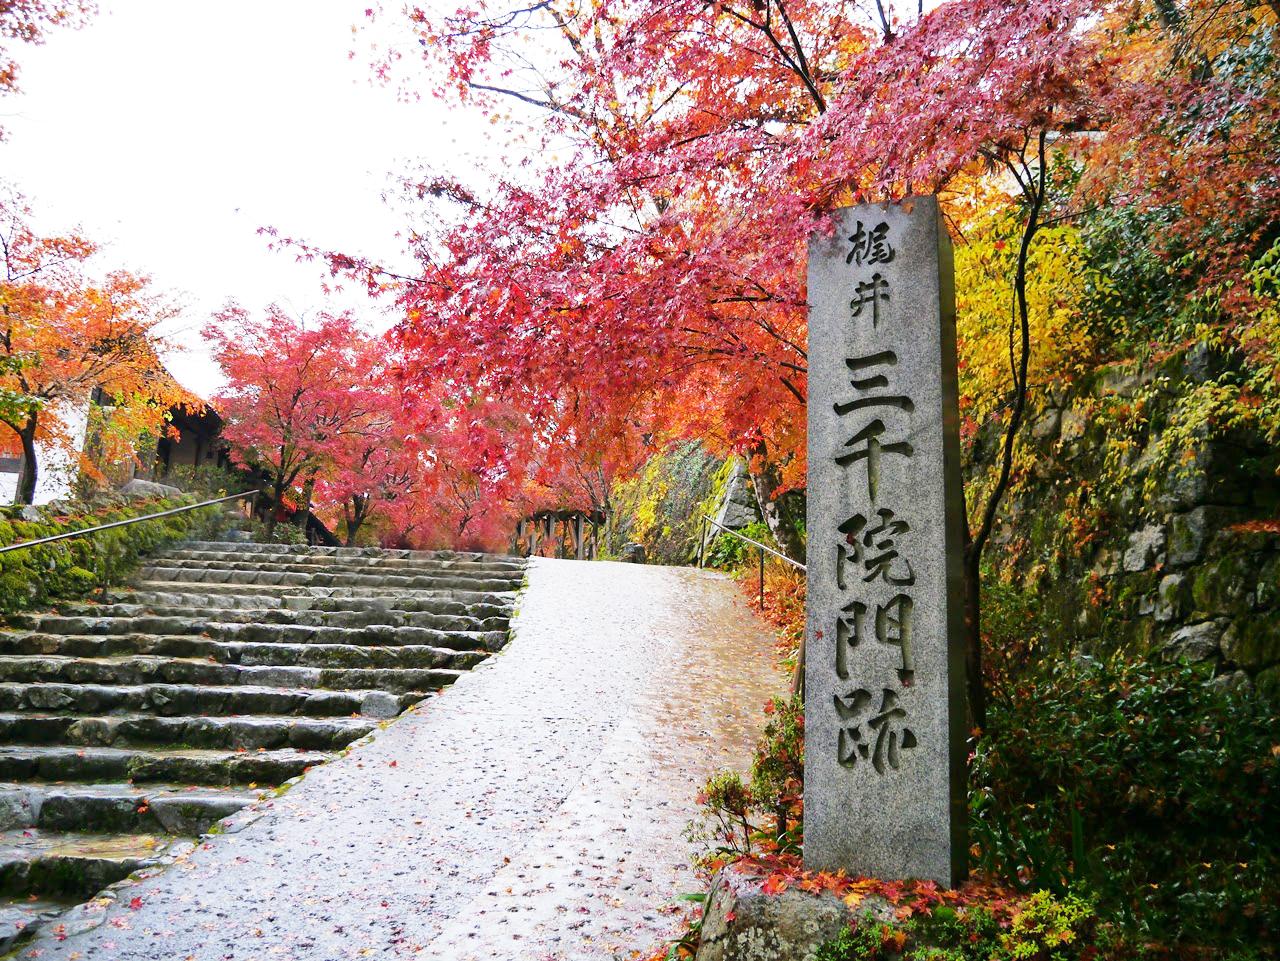 7-13人小團+京都奈良+嵐山+和歌山市一日遊(錯峰出行+避開人群高峰+臨空奧萊嗨購)